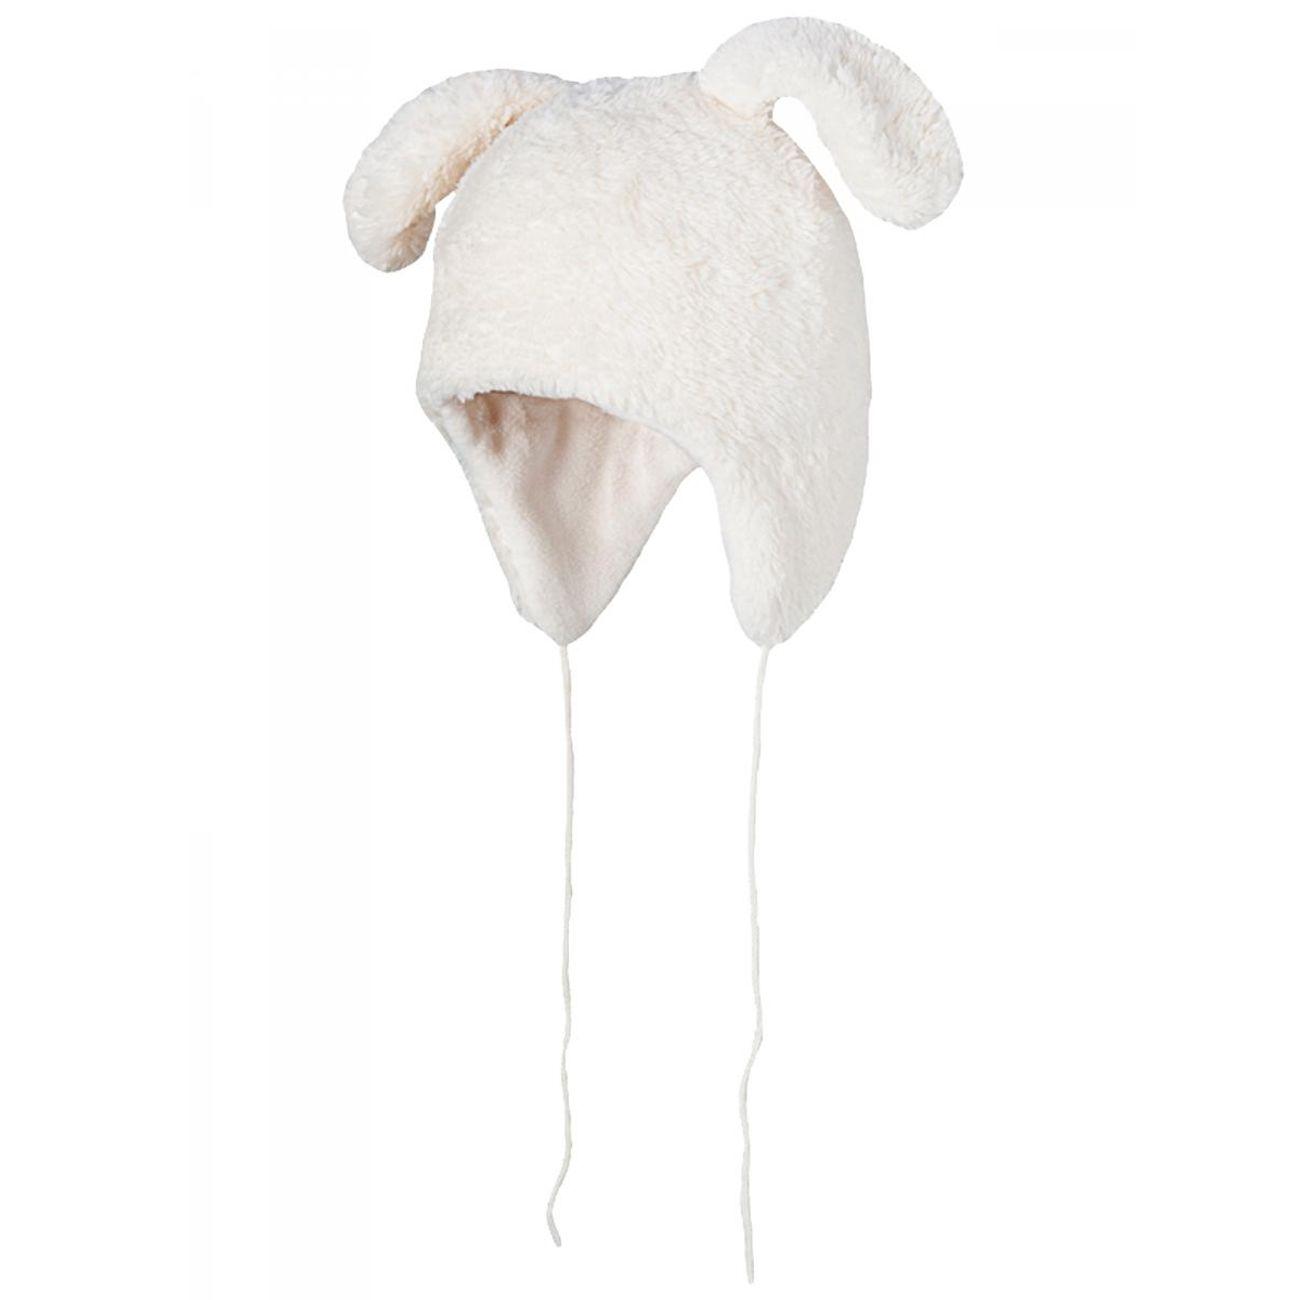 Ski Bébé BART'S BARTS-Chapka bunny fourrure polaire blanc ivoire bébé fille du 12 au 18 mois Barts